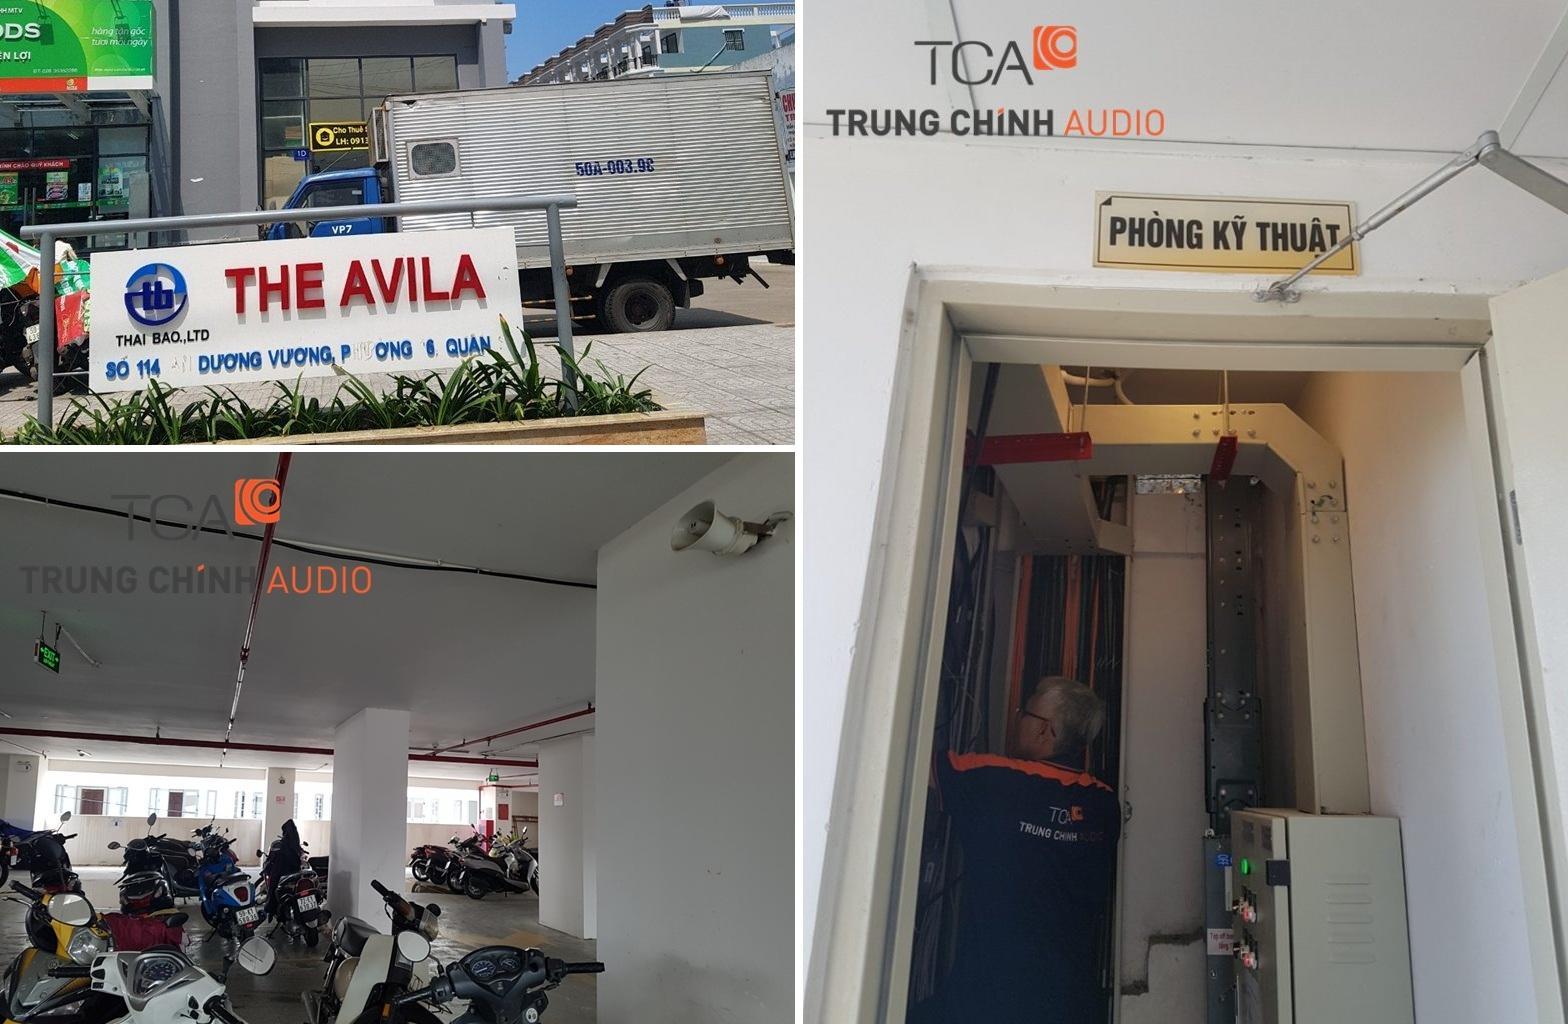 Hệ thống âm thanh thông báo TOA FV-200 Hồ Chí Minh